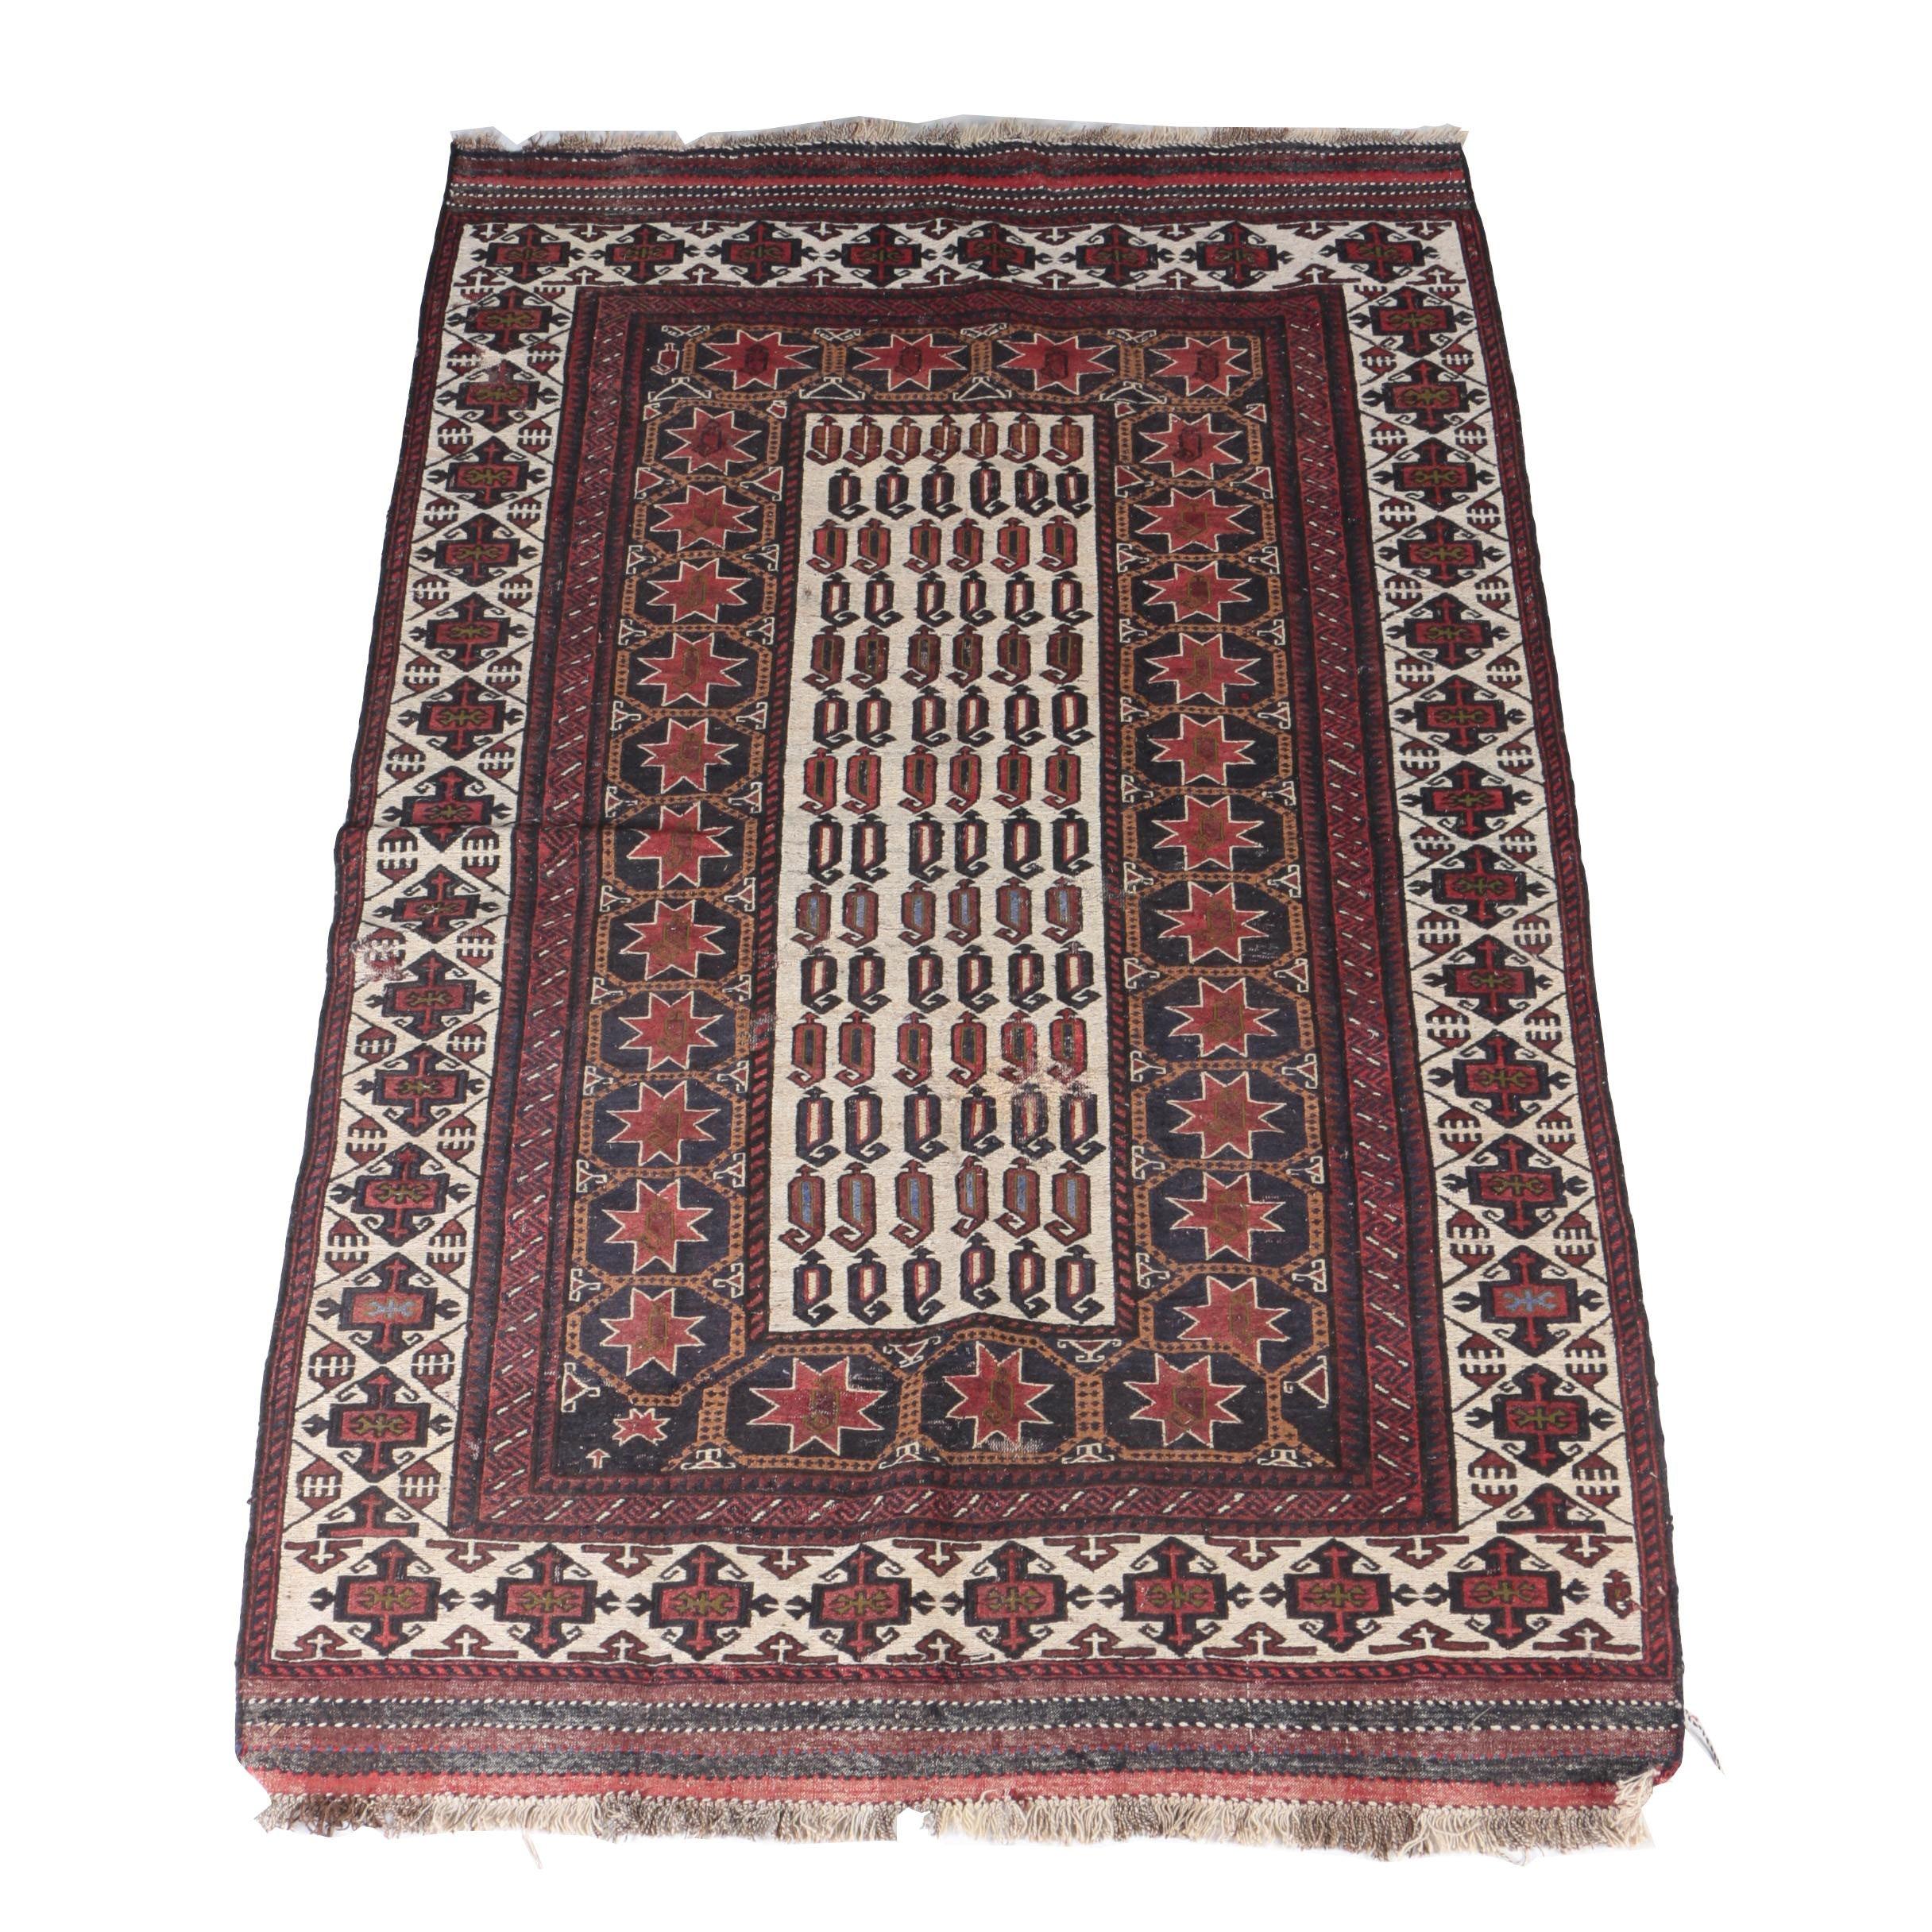 Handwoven Baluch Timuri Wool Soumak Area Rug